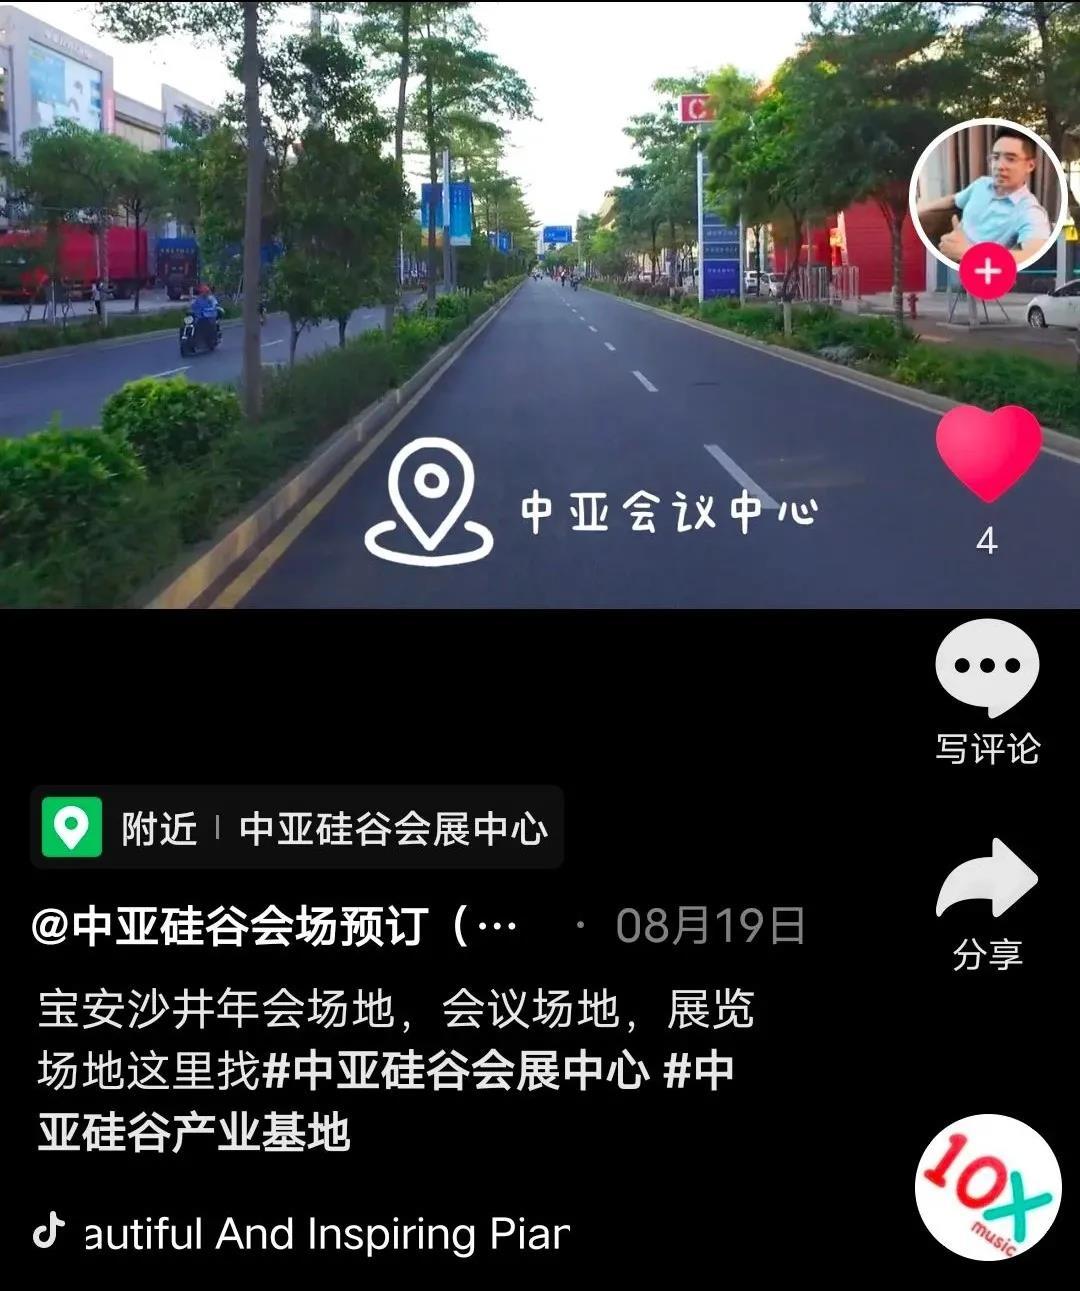 中亚硅谷抖音大赛火热进行中,你和千元现金奖只有15秒的距离!(图3)